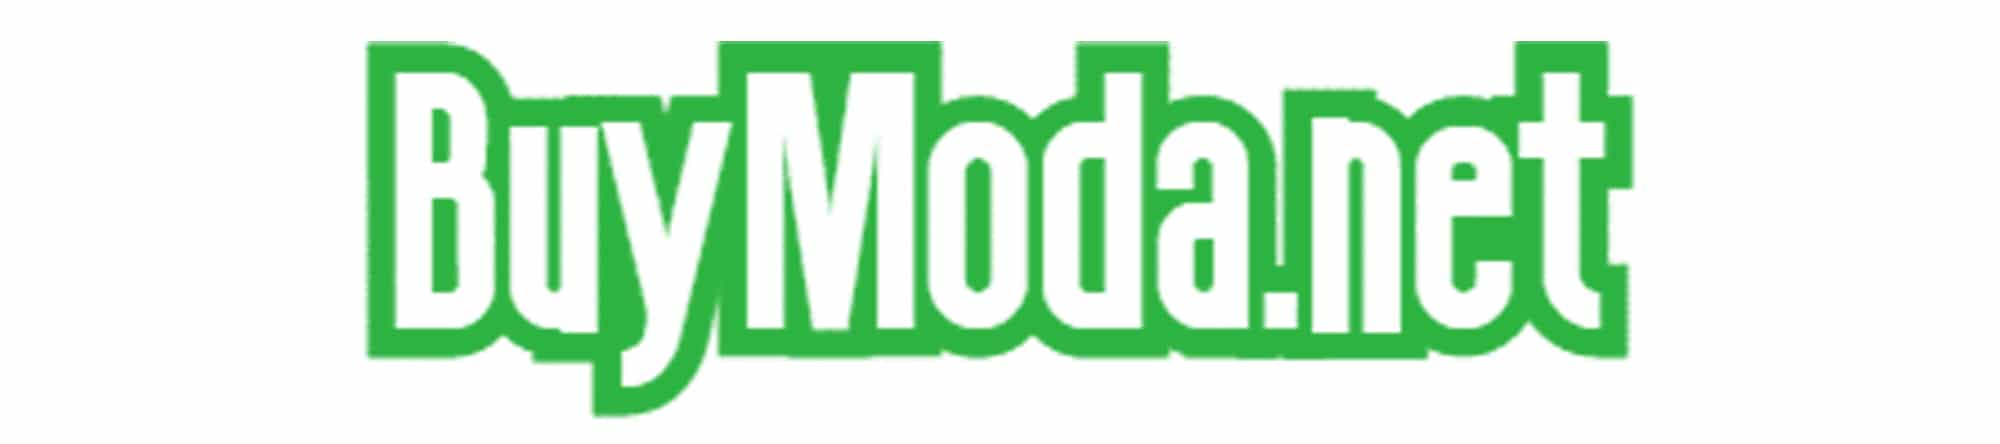 Buymoda.net What Happened